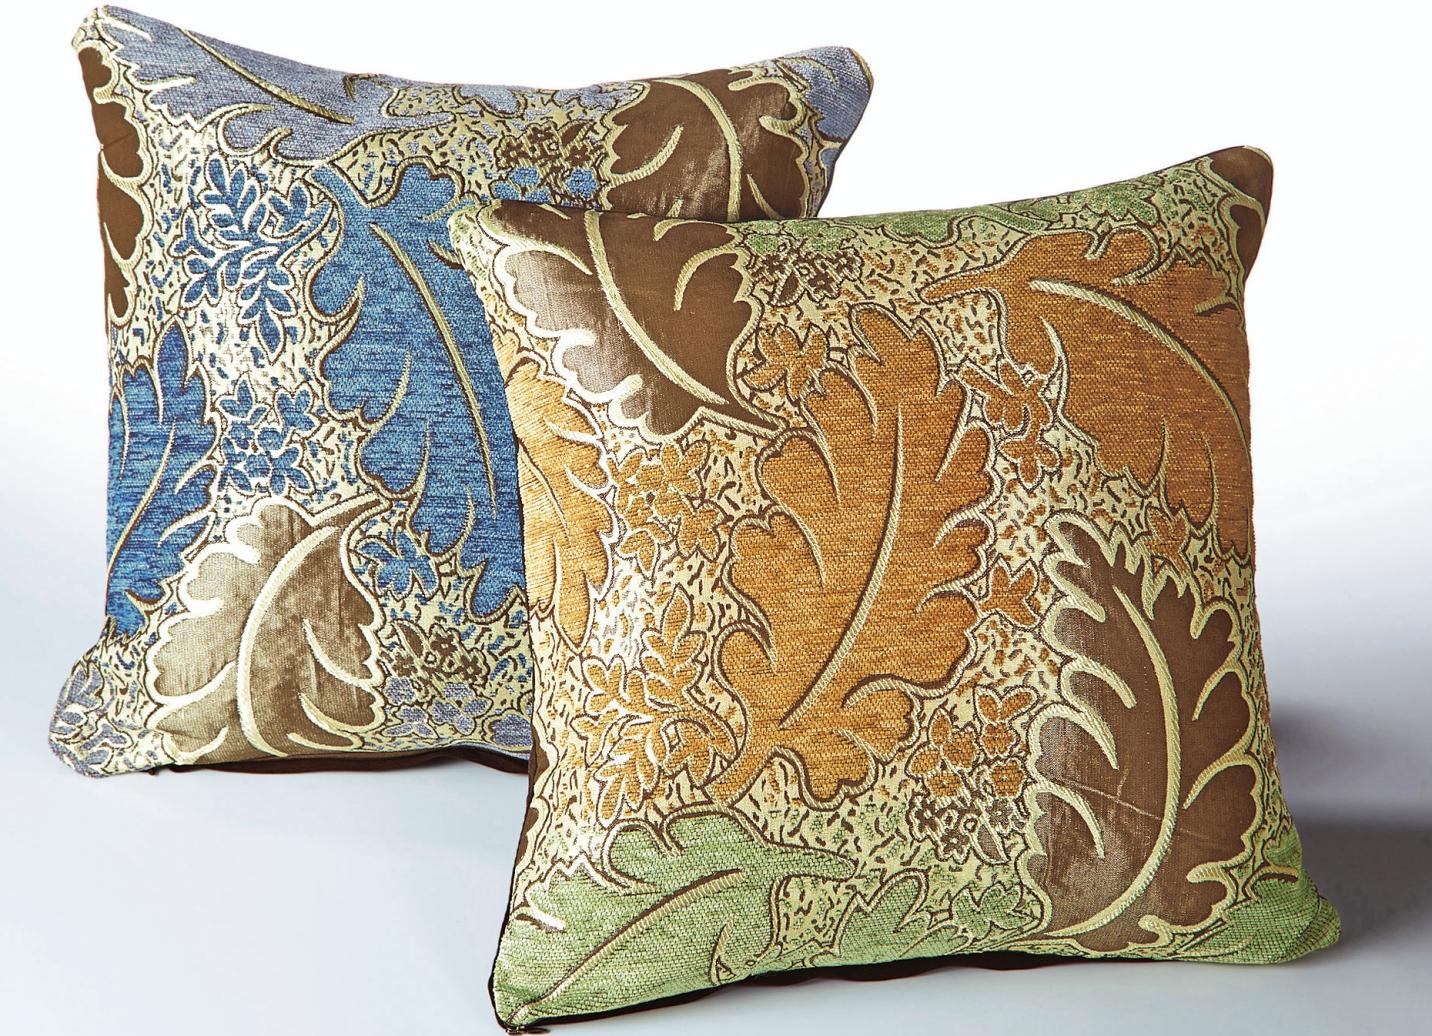 kissenh llen 2er set bl tter in verschiedene farben wohnaccessoires bader. Black Bedroom Furniture Sets. Home Design Ideas